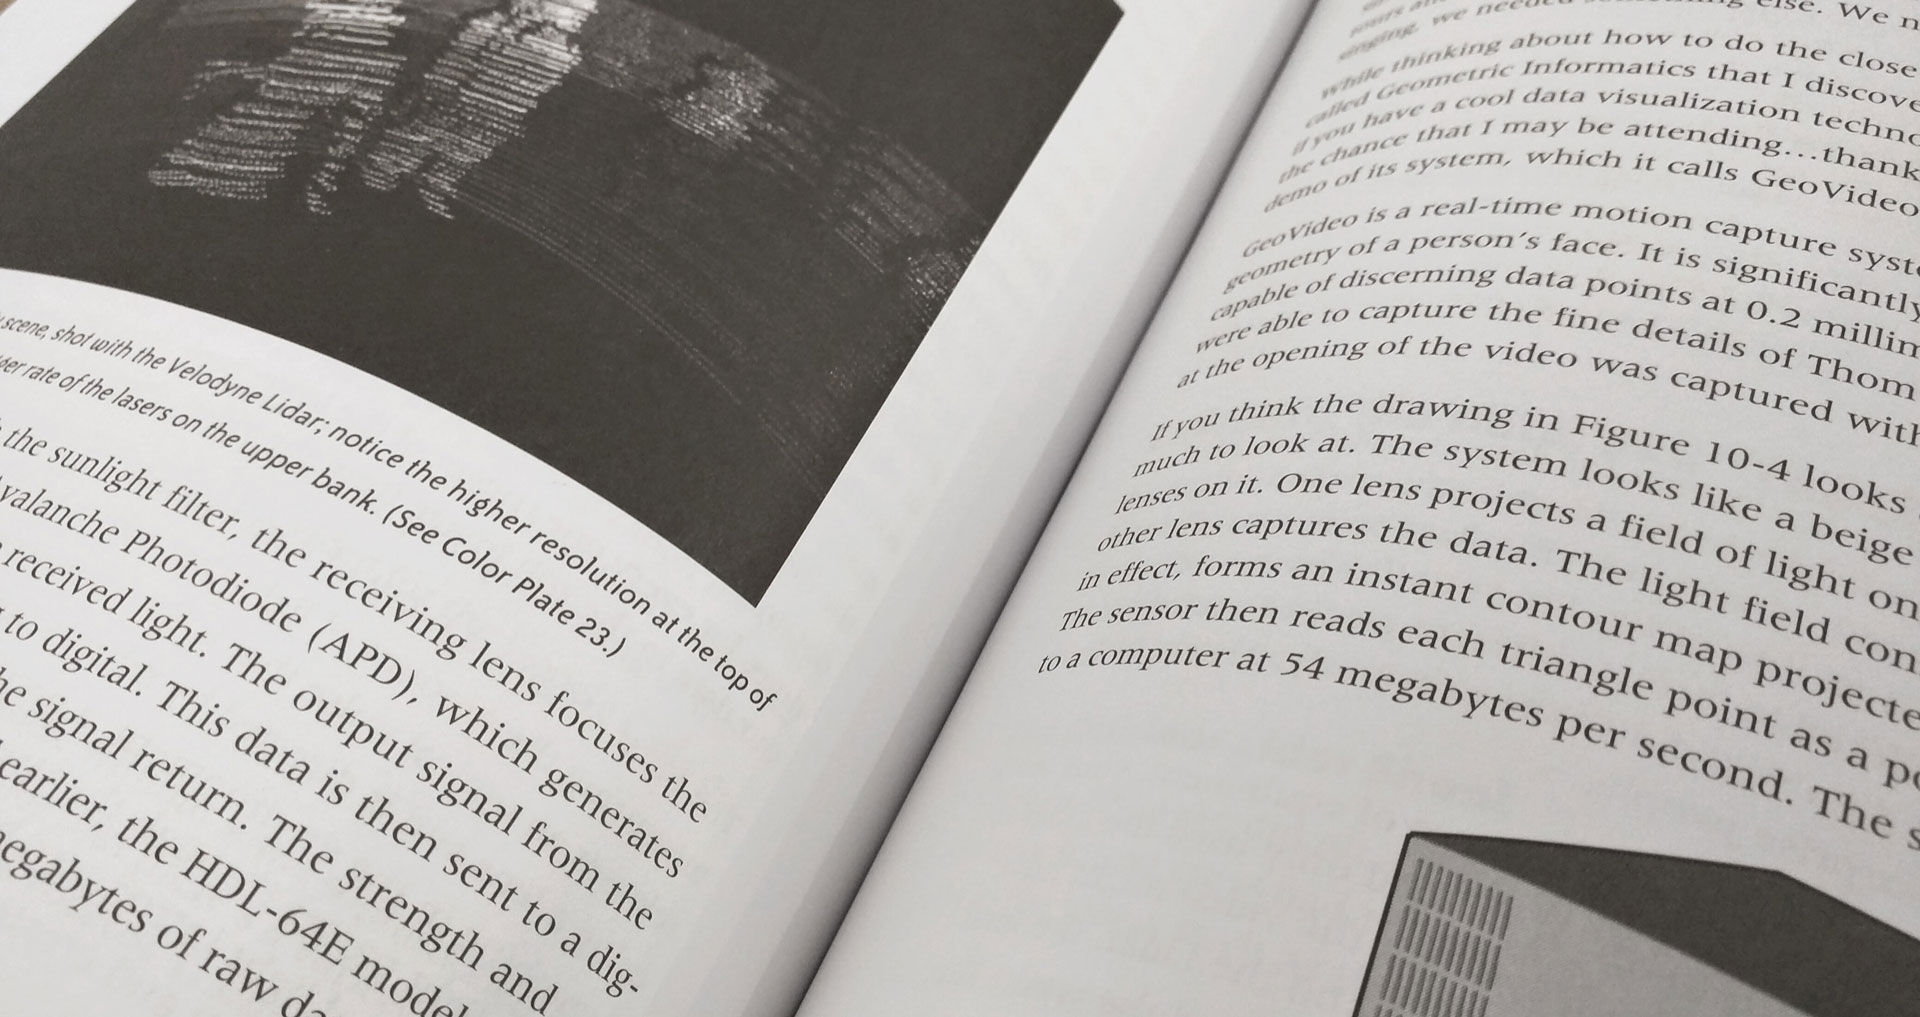 radiohead essay